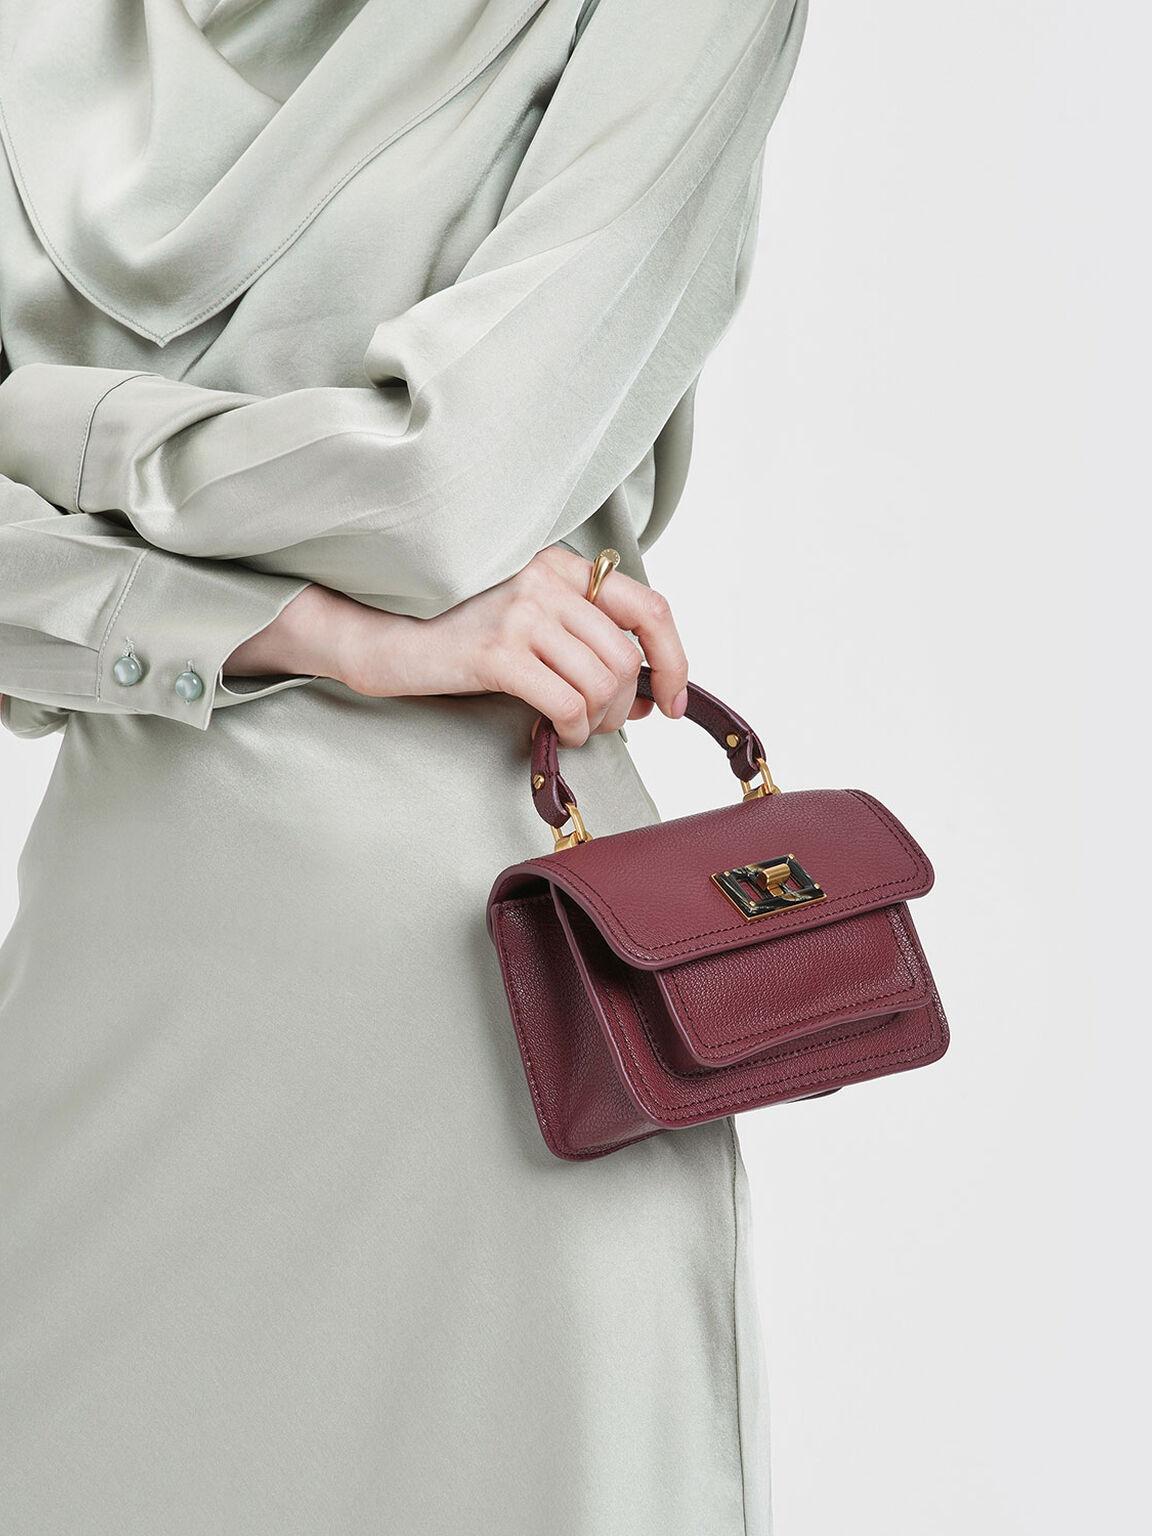 小型掀蓋手提包, 酒紅色, hi-res